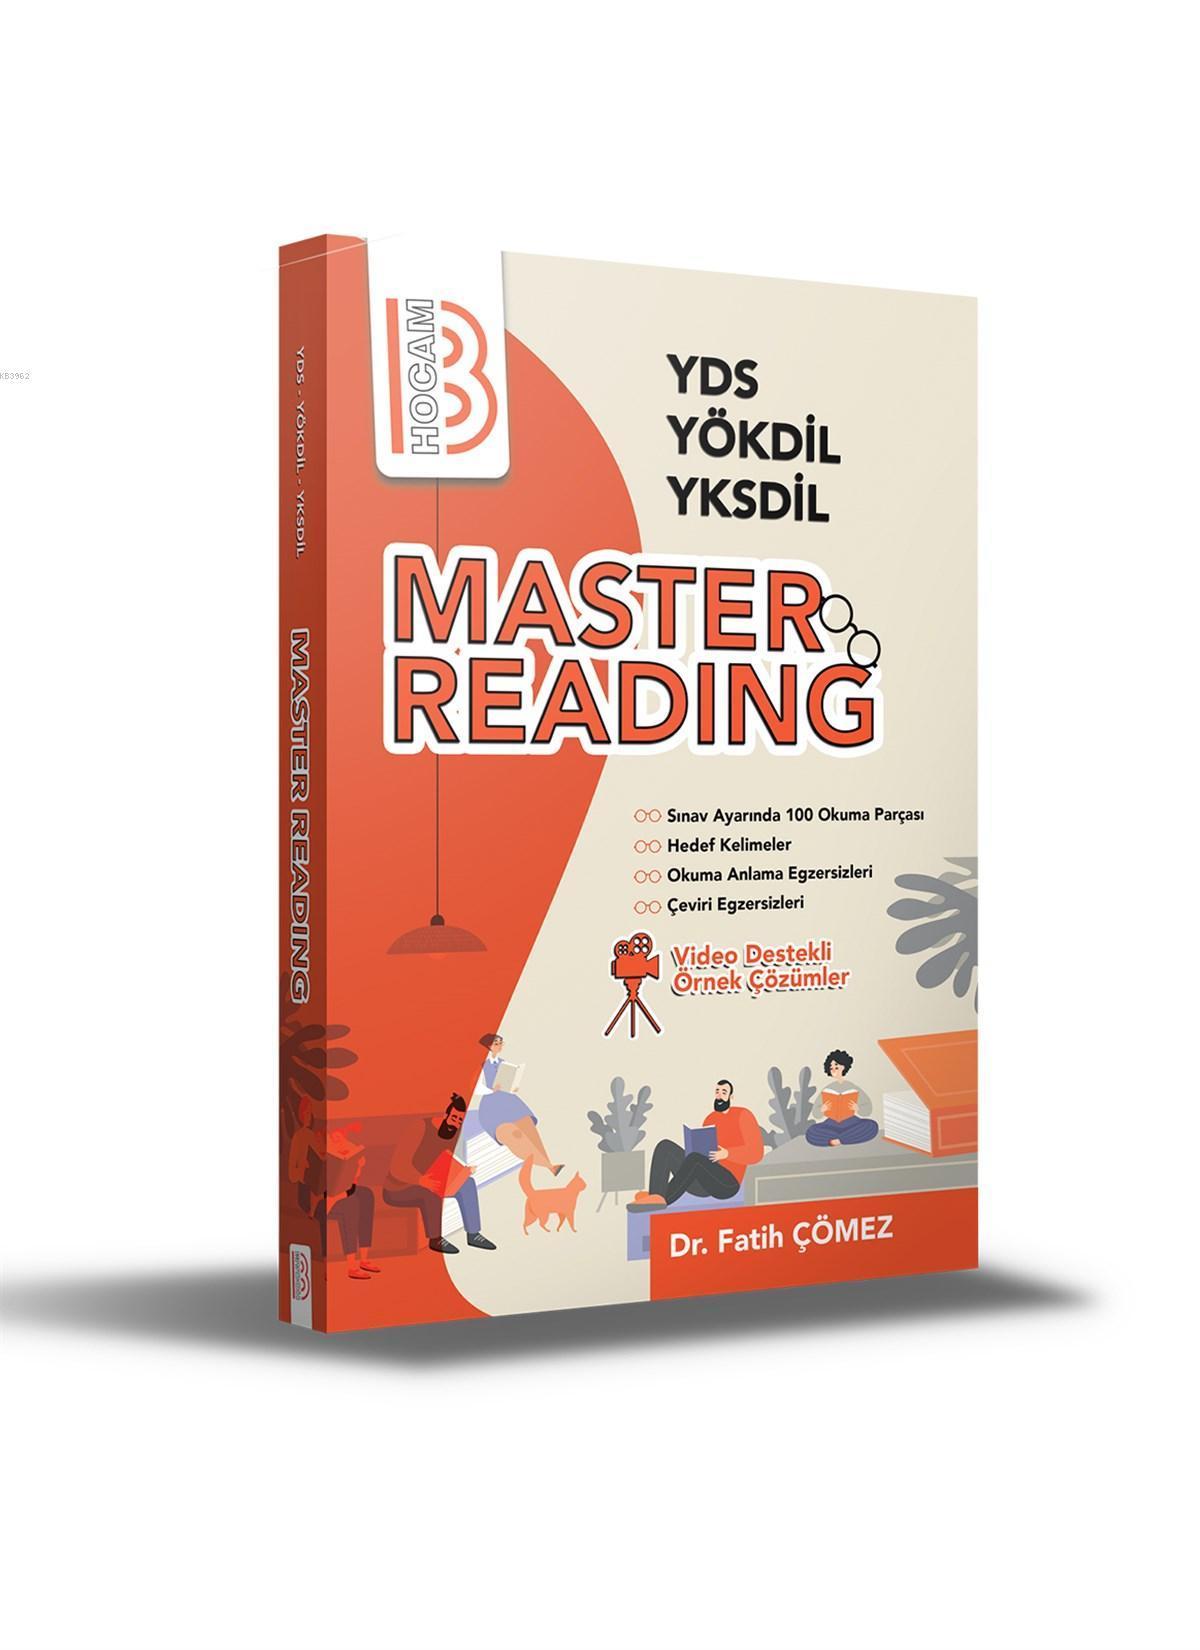 YDS - YÖKDİL - YKSDİL Master Reading Benim Hocam Yayınları